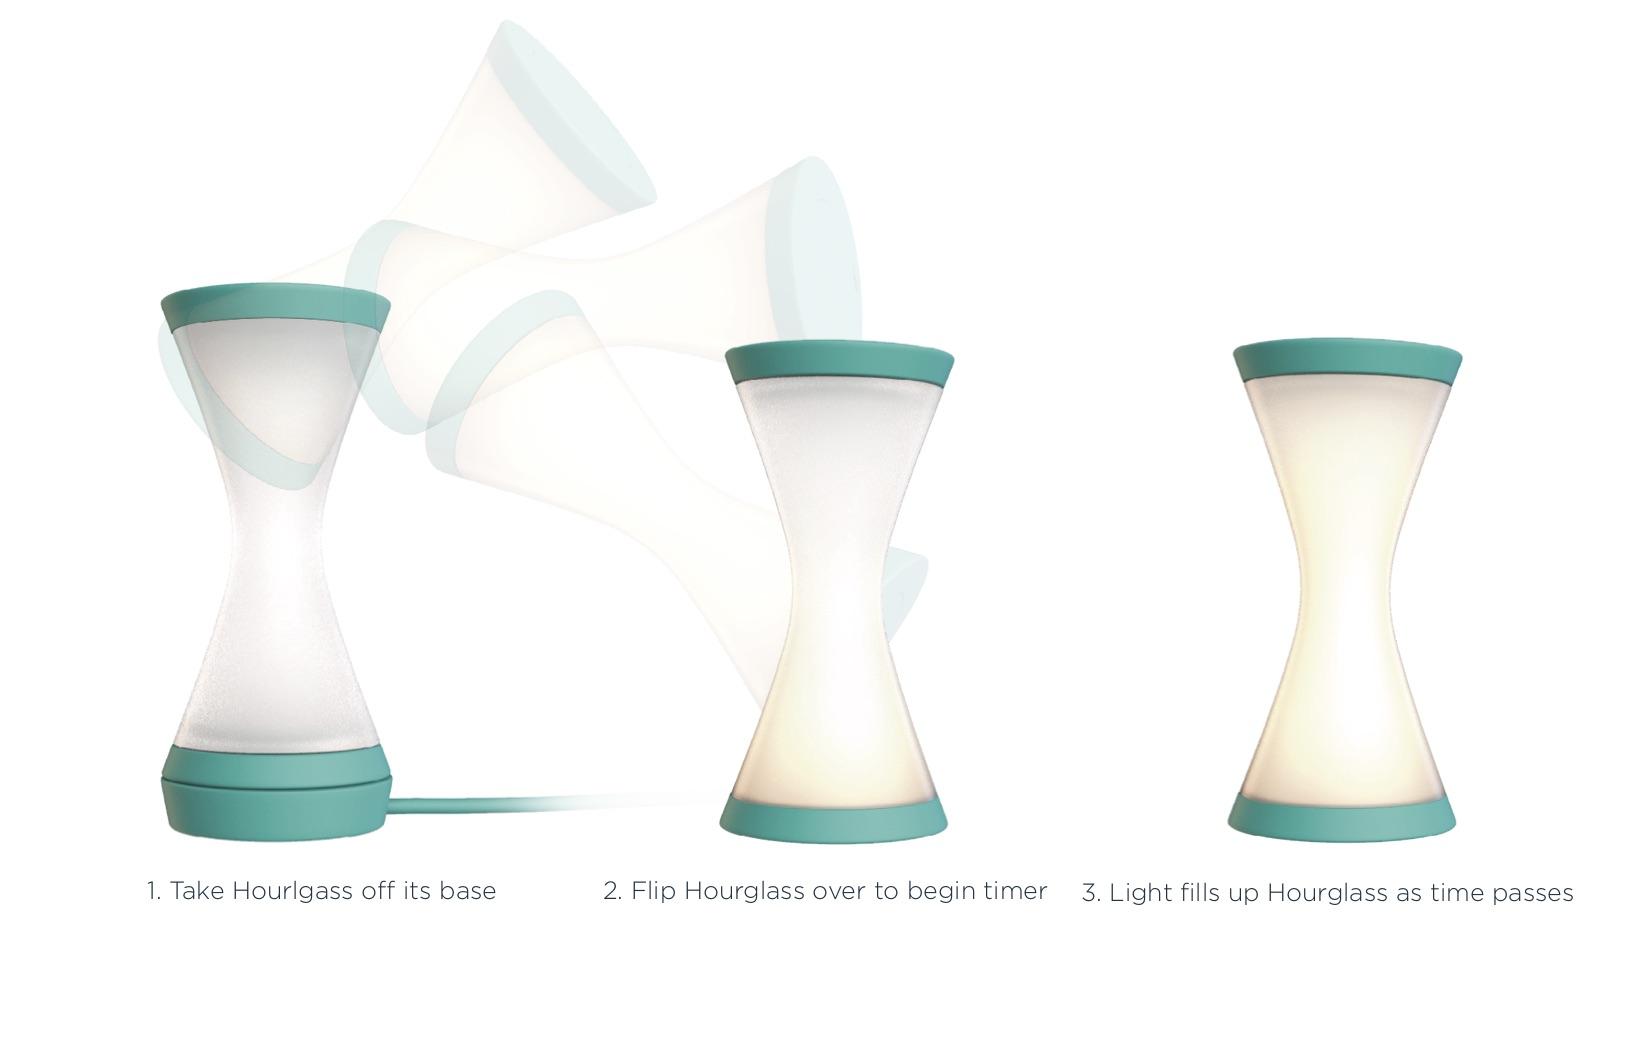 hourglass6.jpg